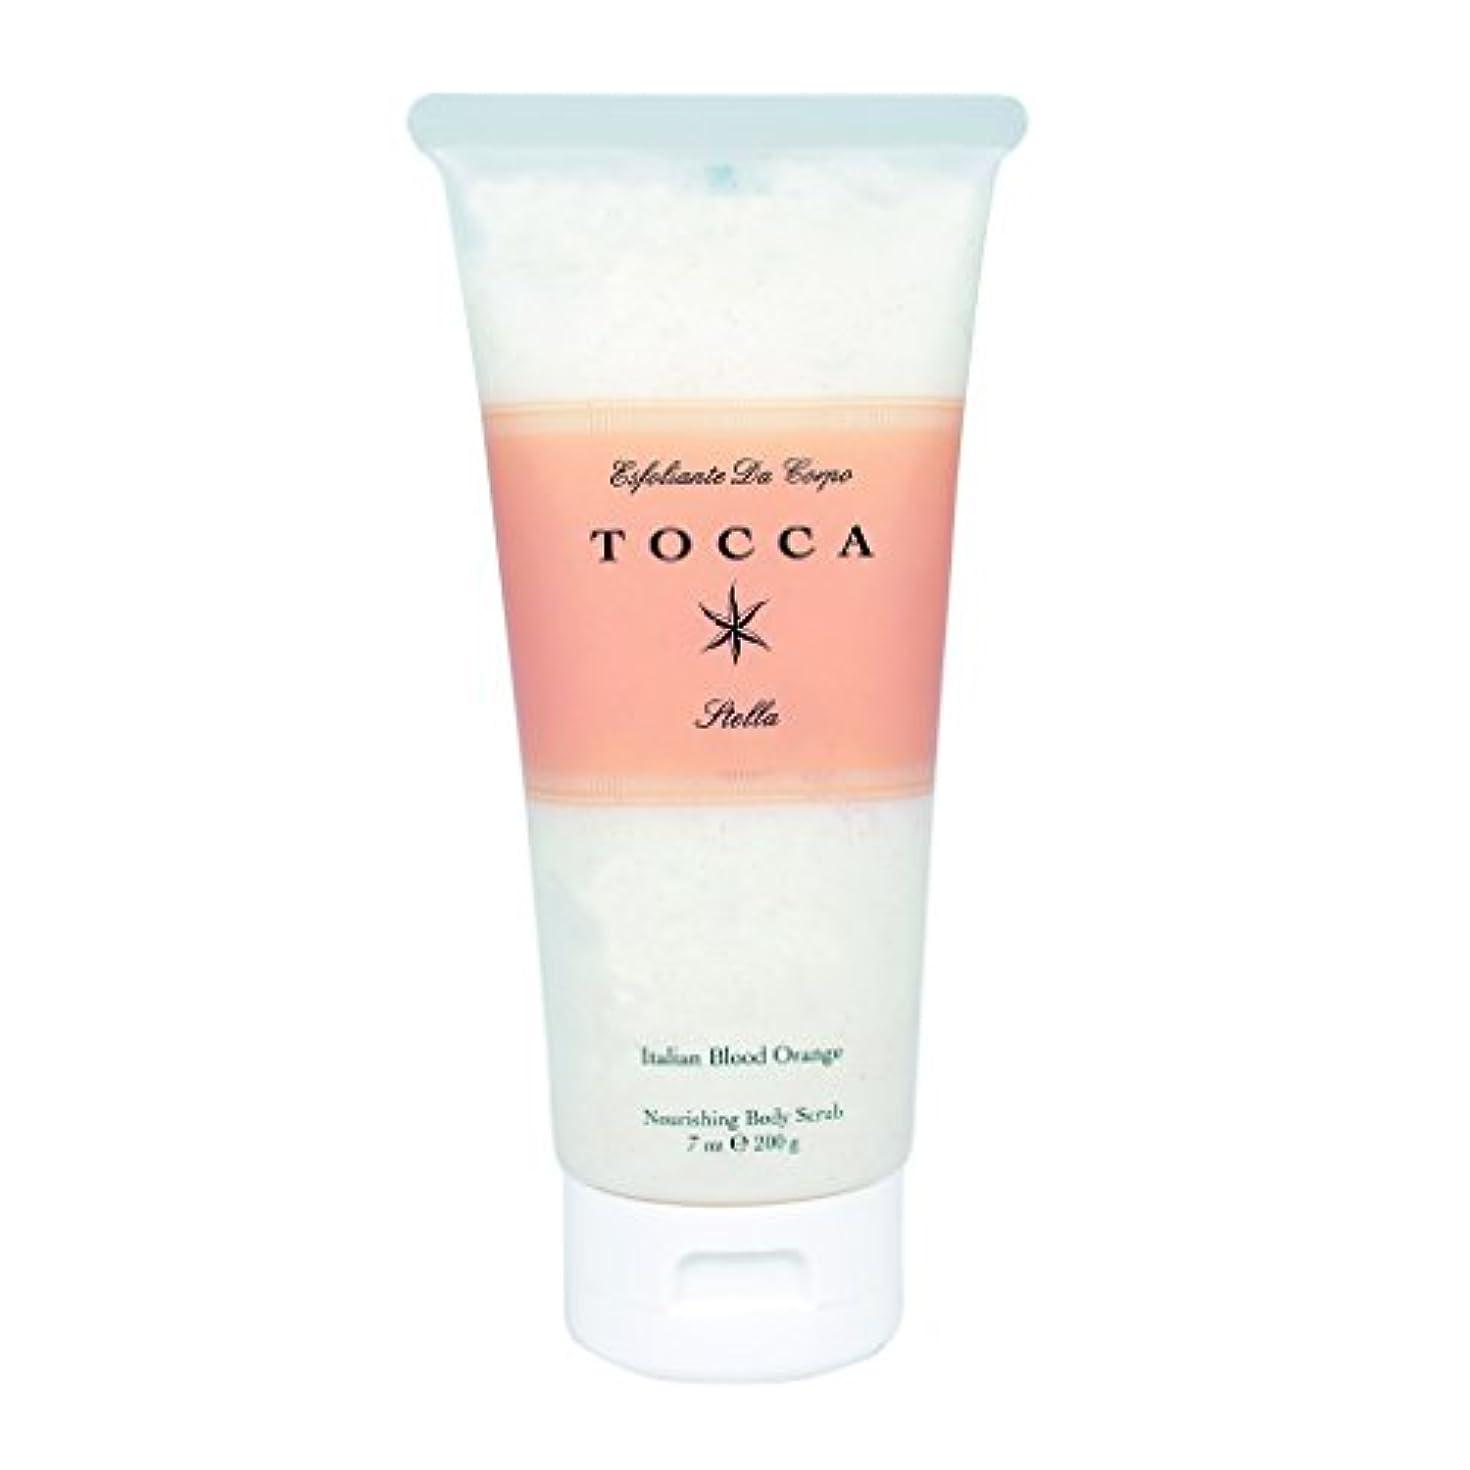 オーロック想定する確認トッカ(TOCCA) ボディーケアスクラブ ステラの香り 200ml(全身?ボディー用マッサージ料 イタリアンブラッドオレンジが奏でるフレッシュでビターな爽やかさ漂う香り)